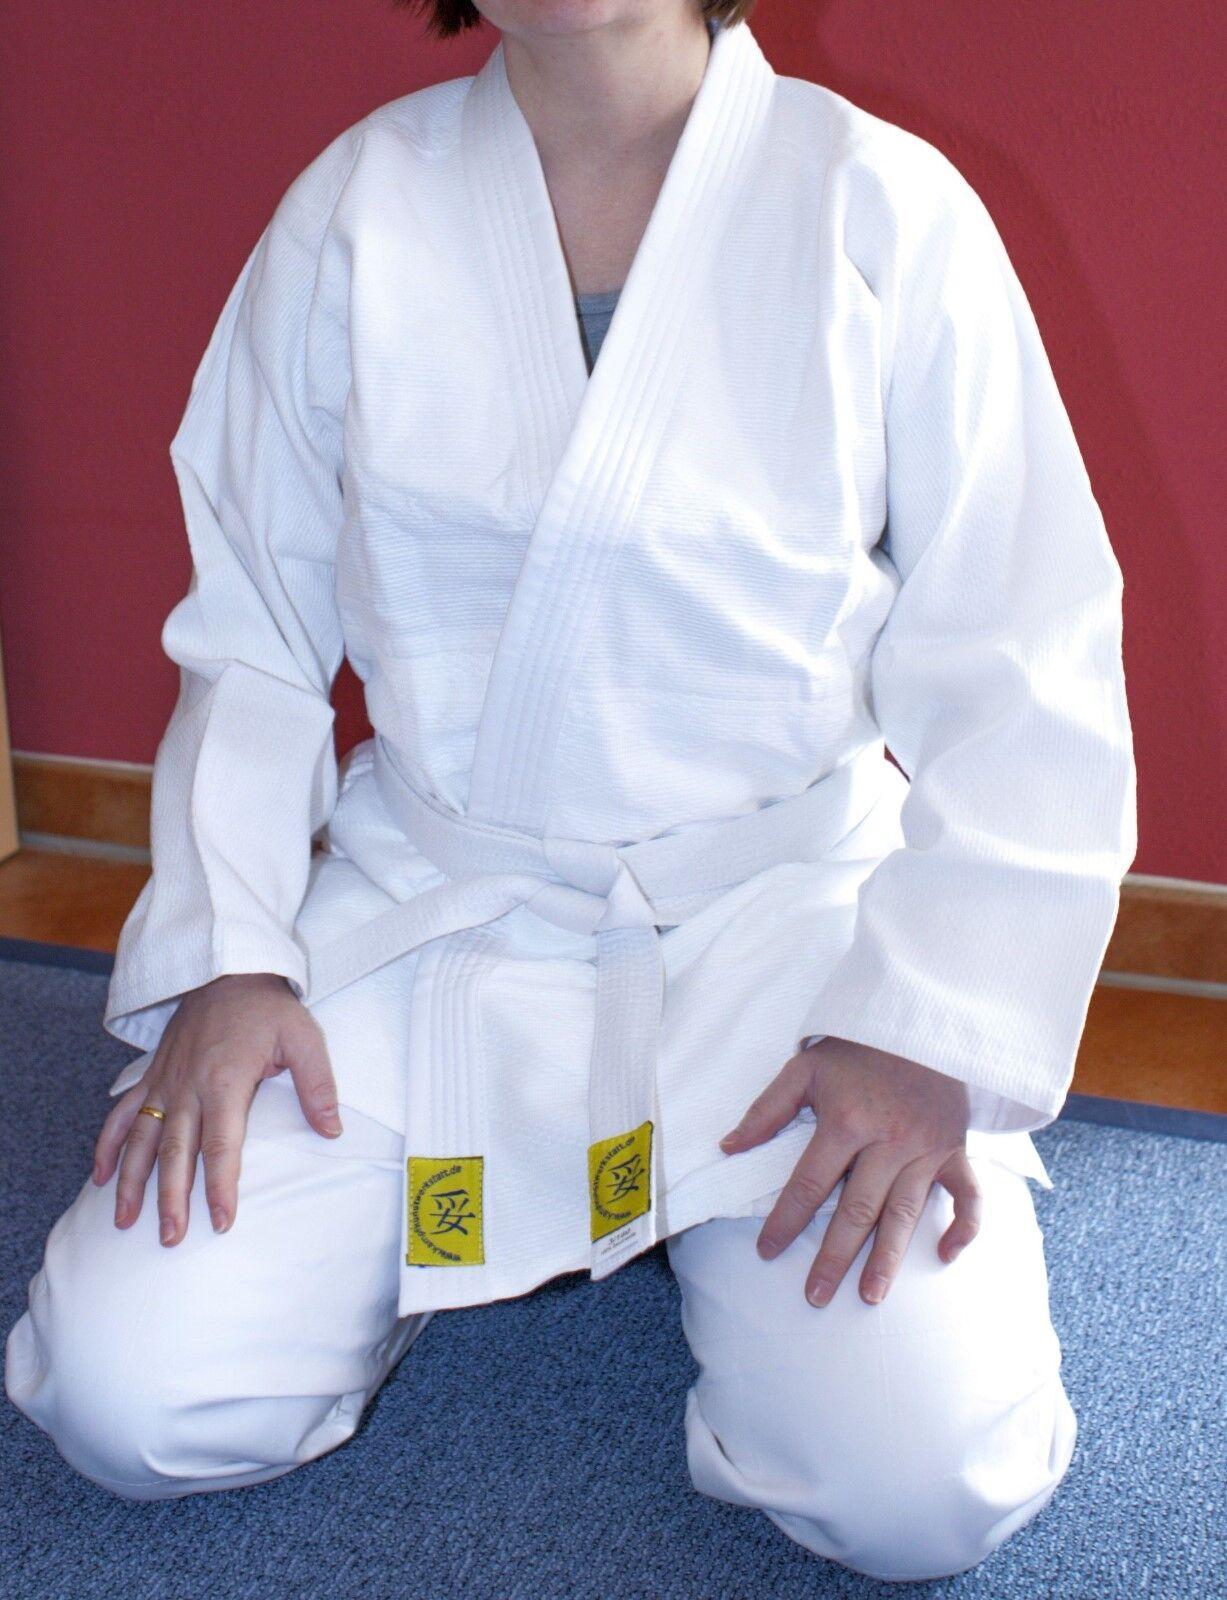 Neuer Aikidoanzug Aikido-Anzug mit Reiskornwebung weiß, Gr. wählbar, Mod. 14